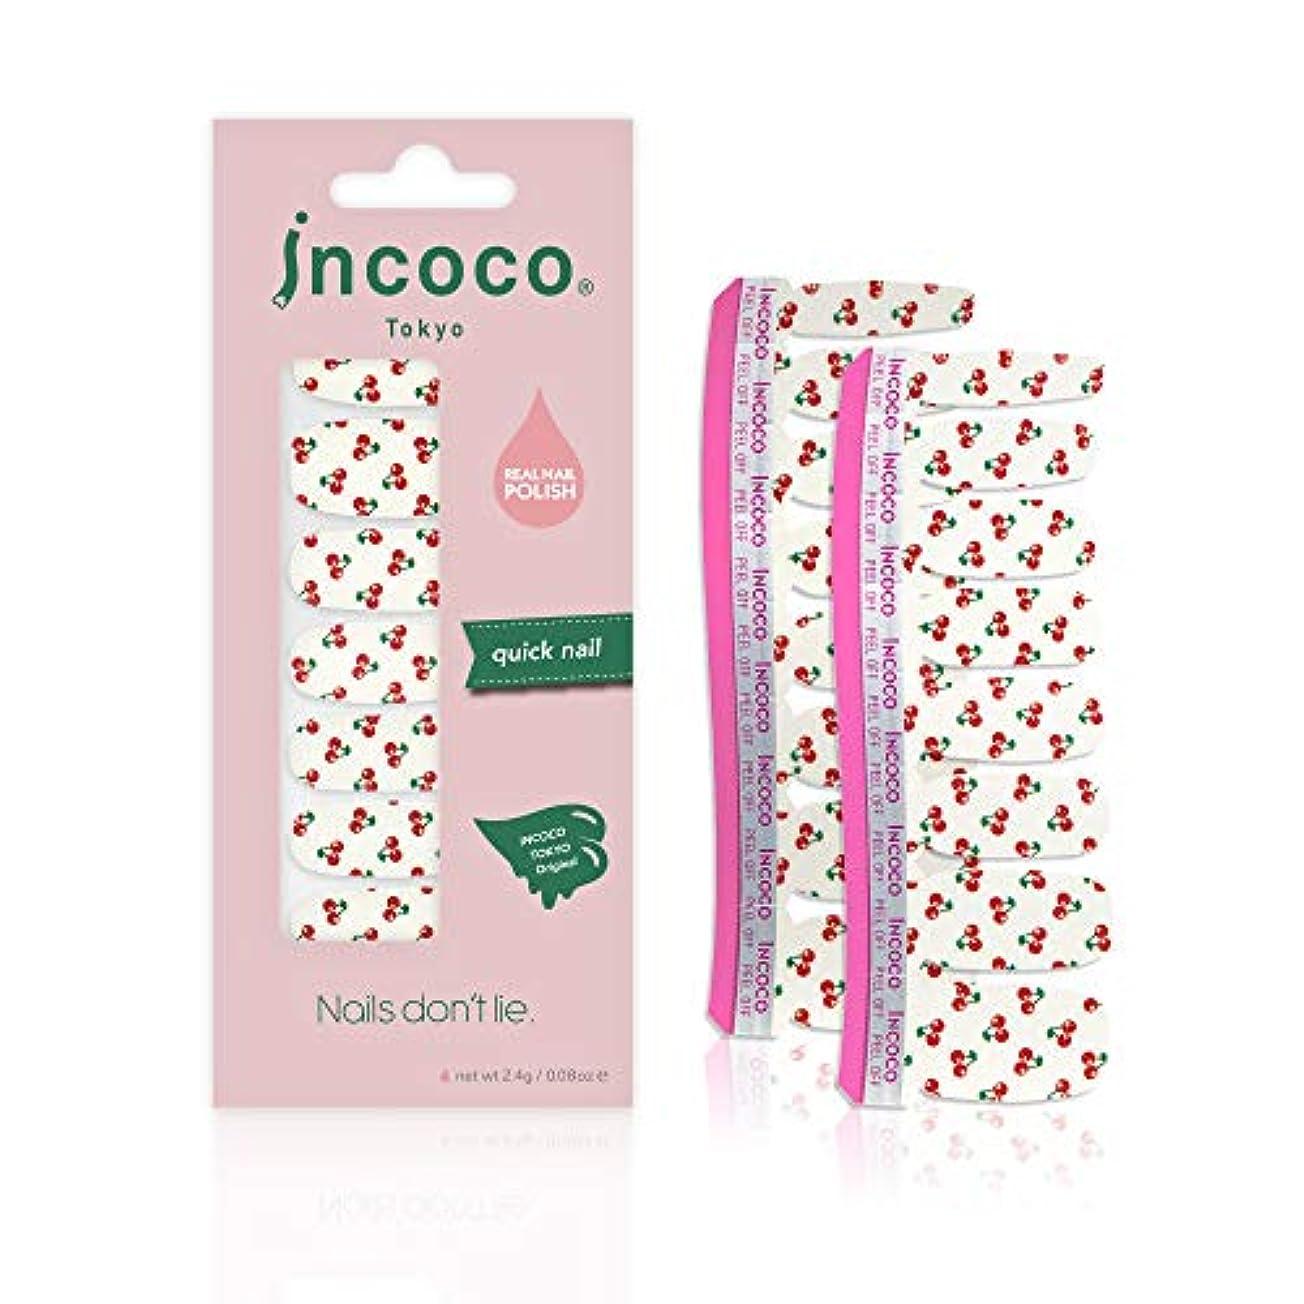 紛争植物学者案件インココ トーキョー 「チェリーズ」 (Cherries)